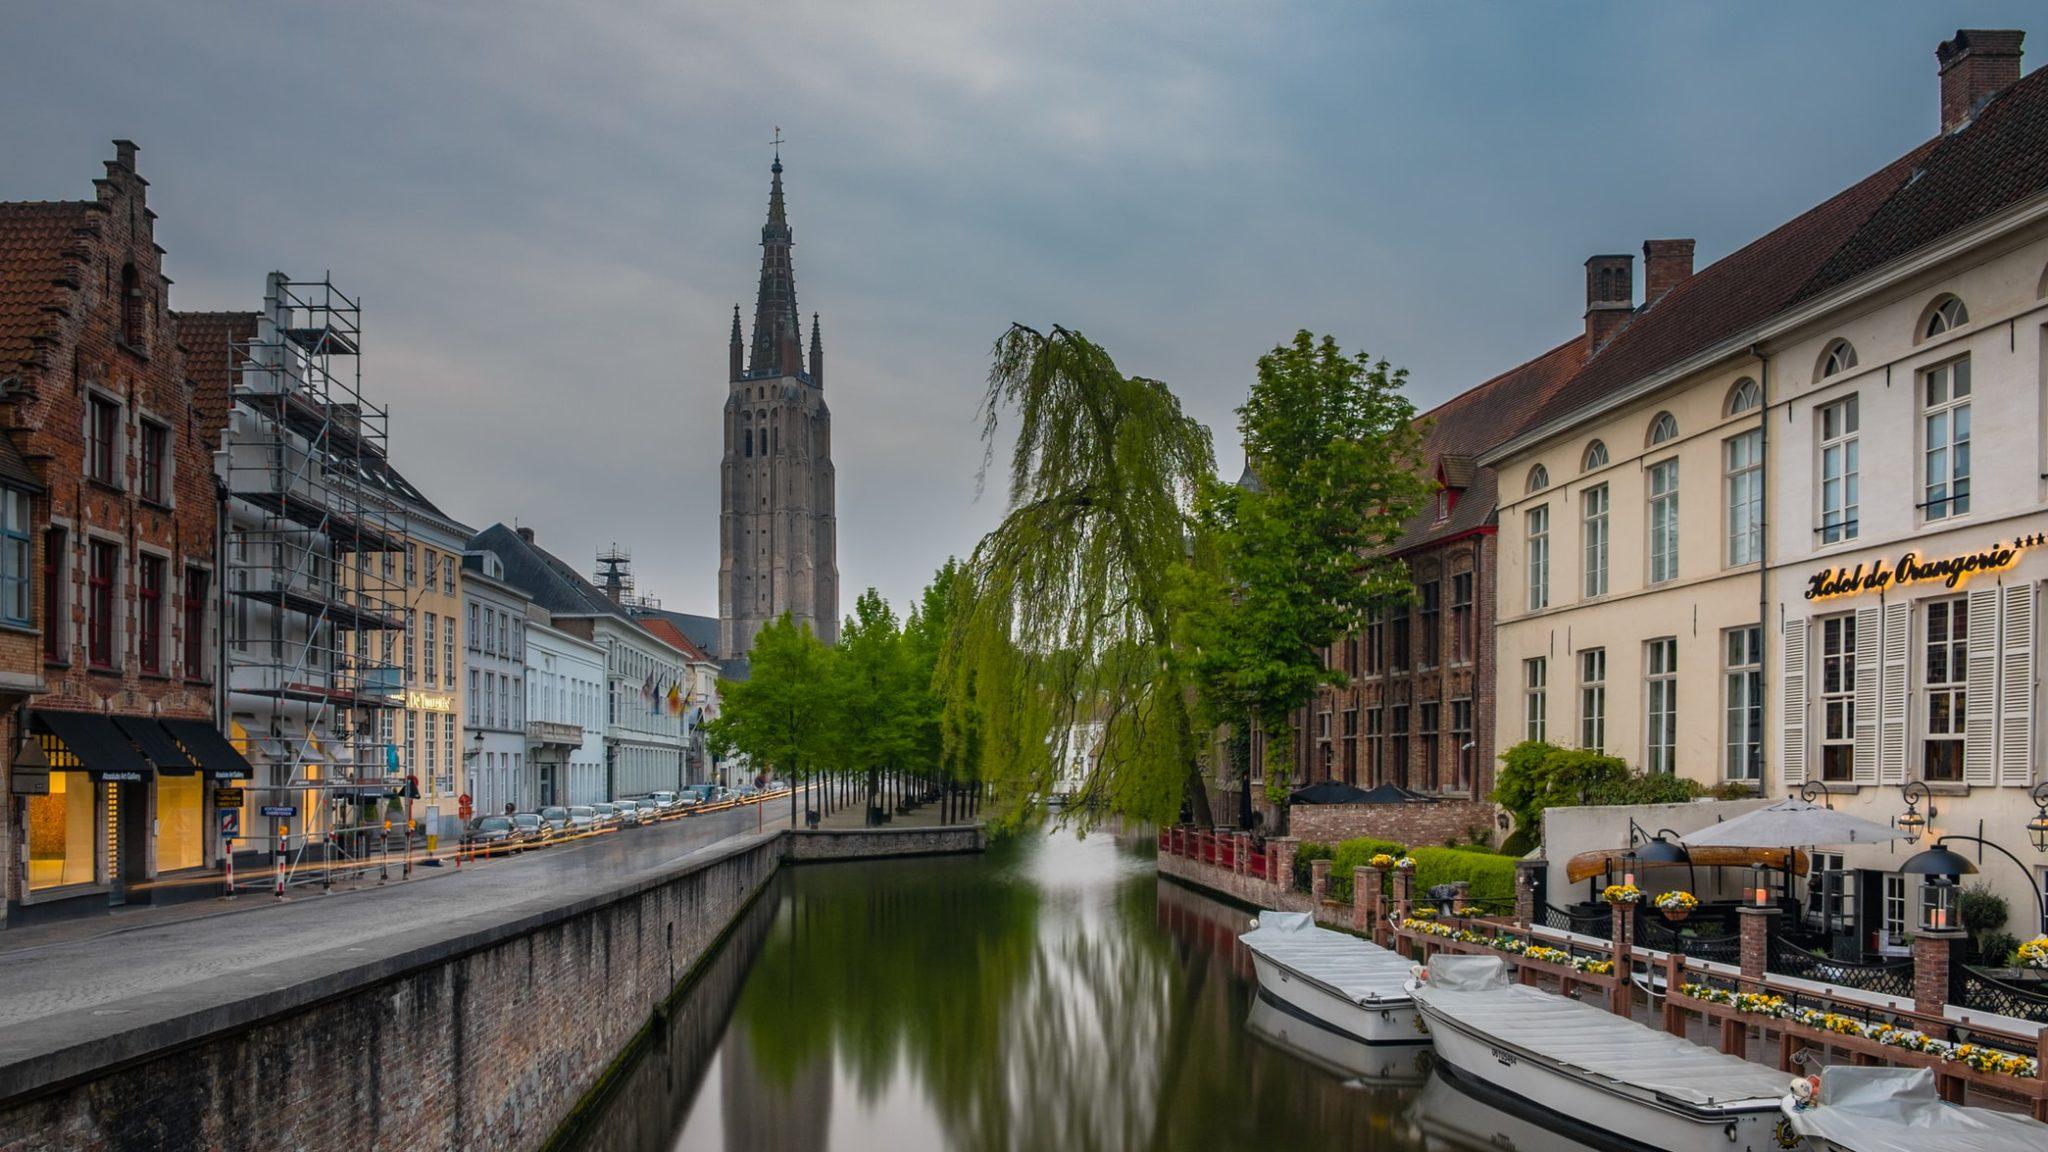 Visiter Bruges en automne : gaufres, canaux, jolies maisons…